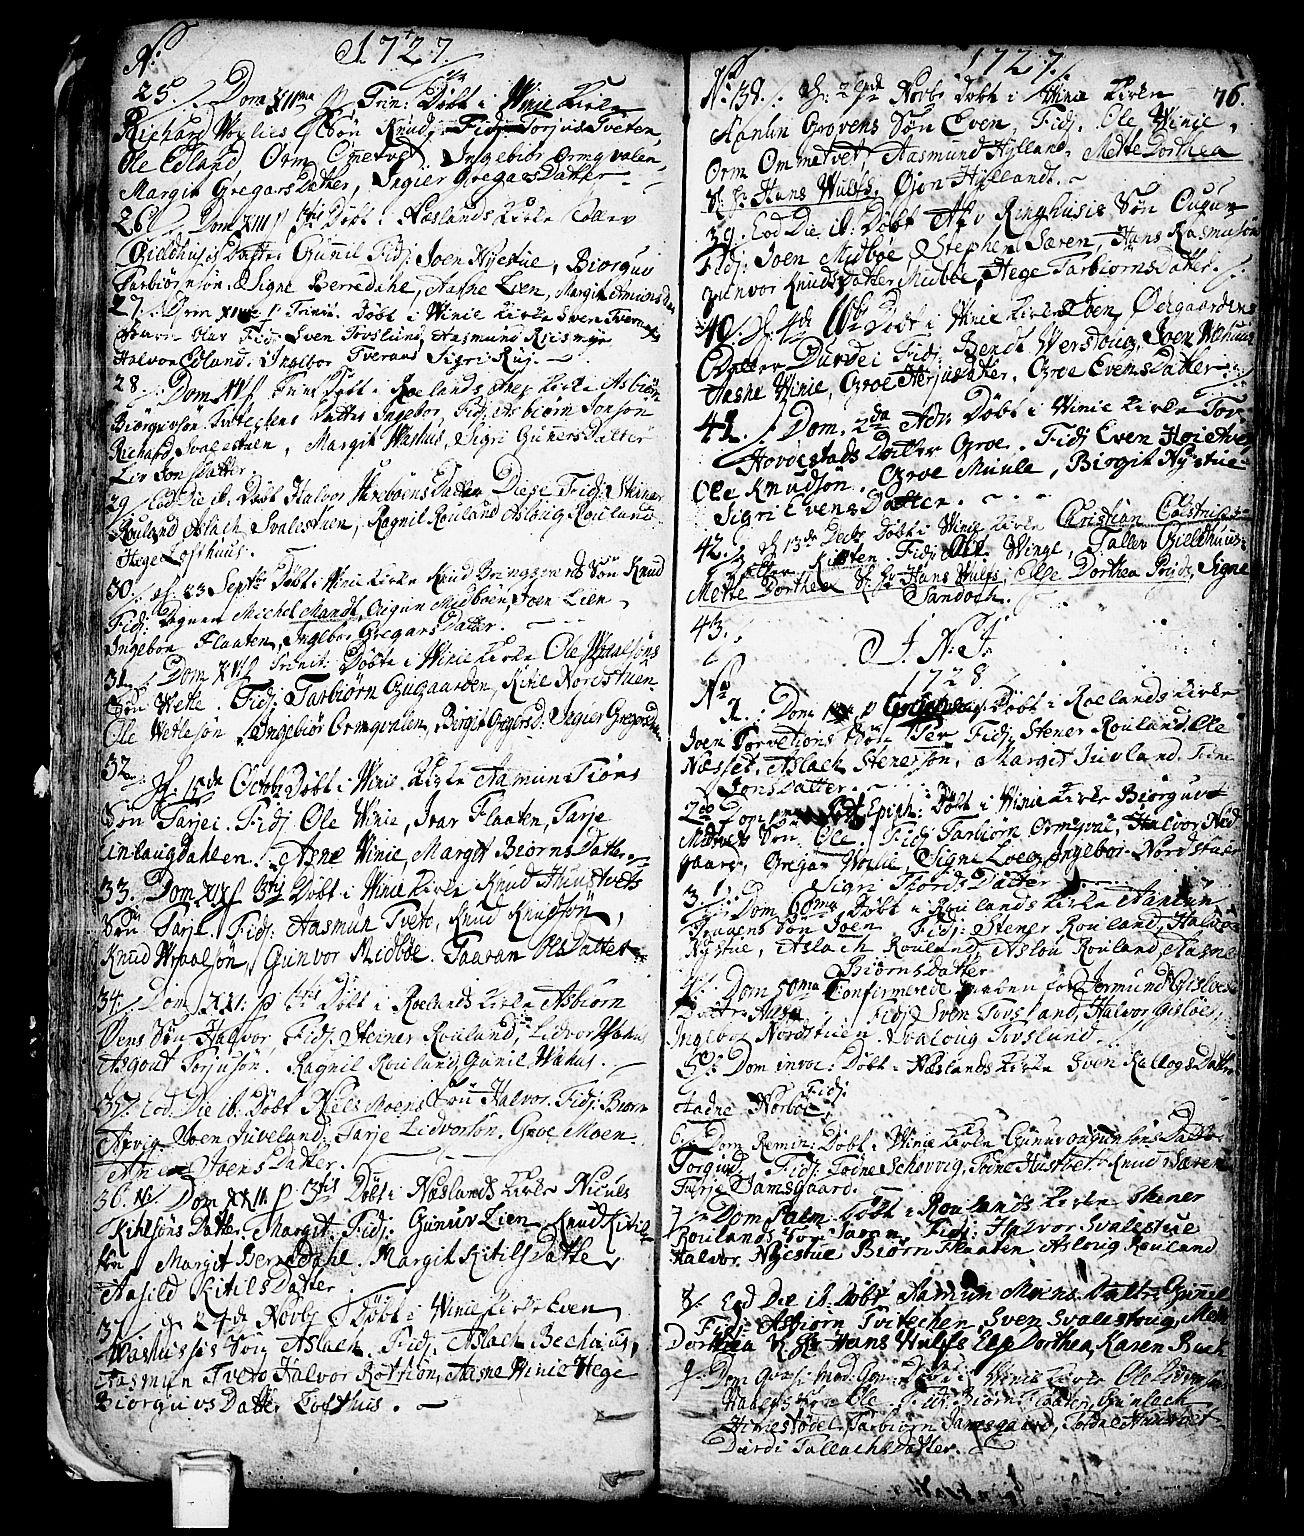 SAKO, Vinje kirkebøker, F/Fa/L0001: Ministerialbok nr. I 1, 1717-1766, s. 76